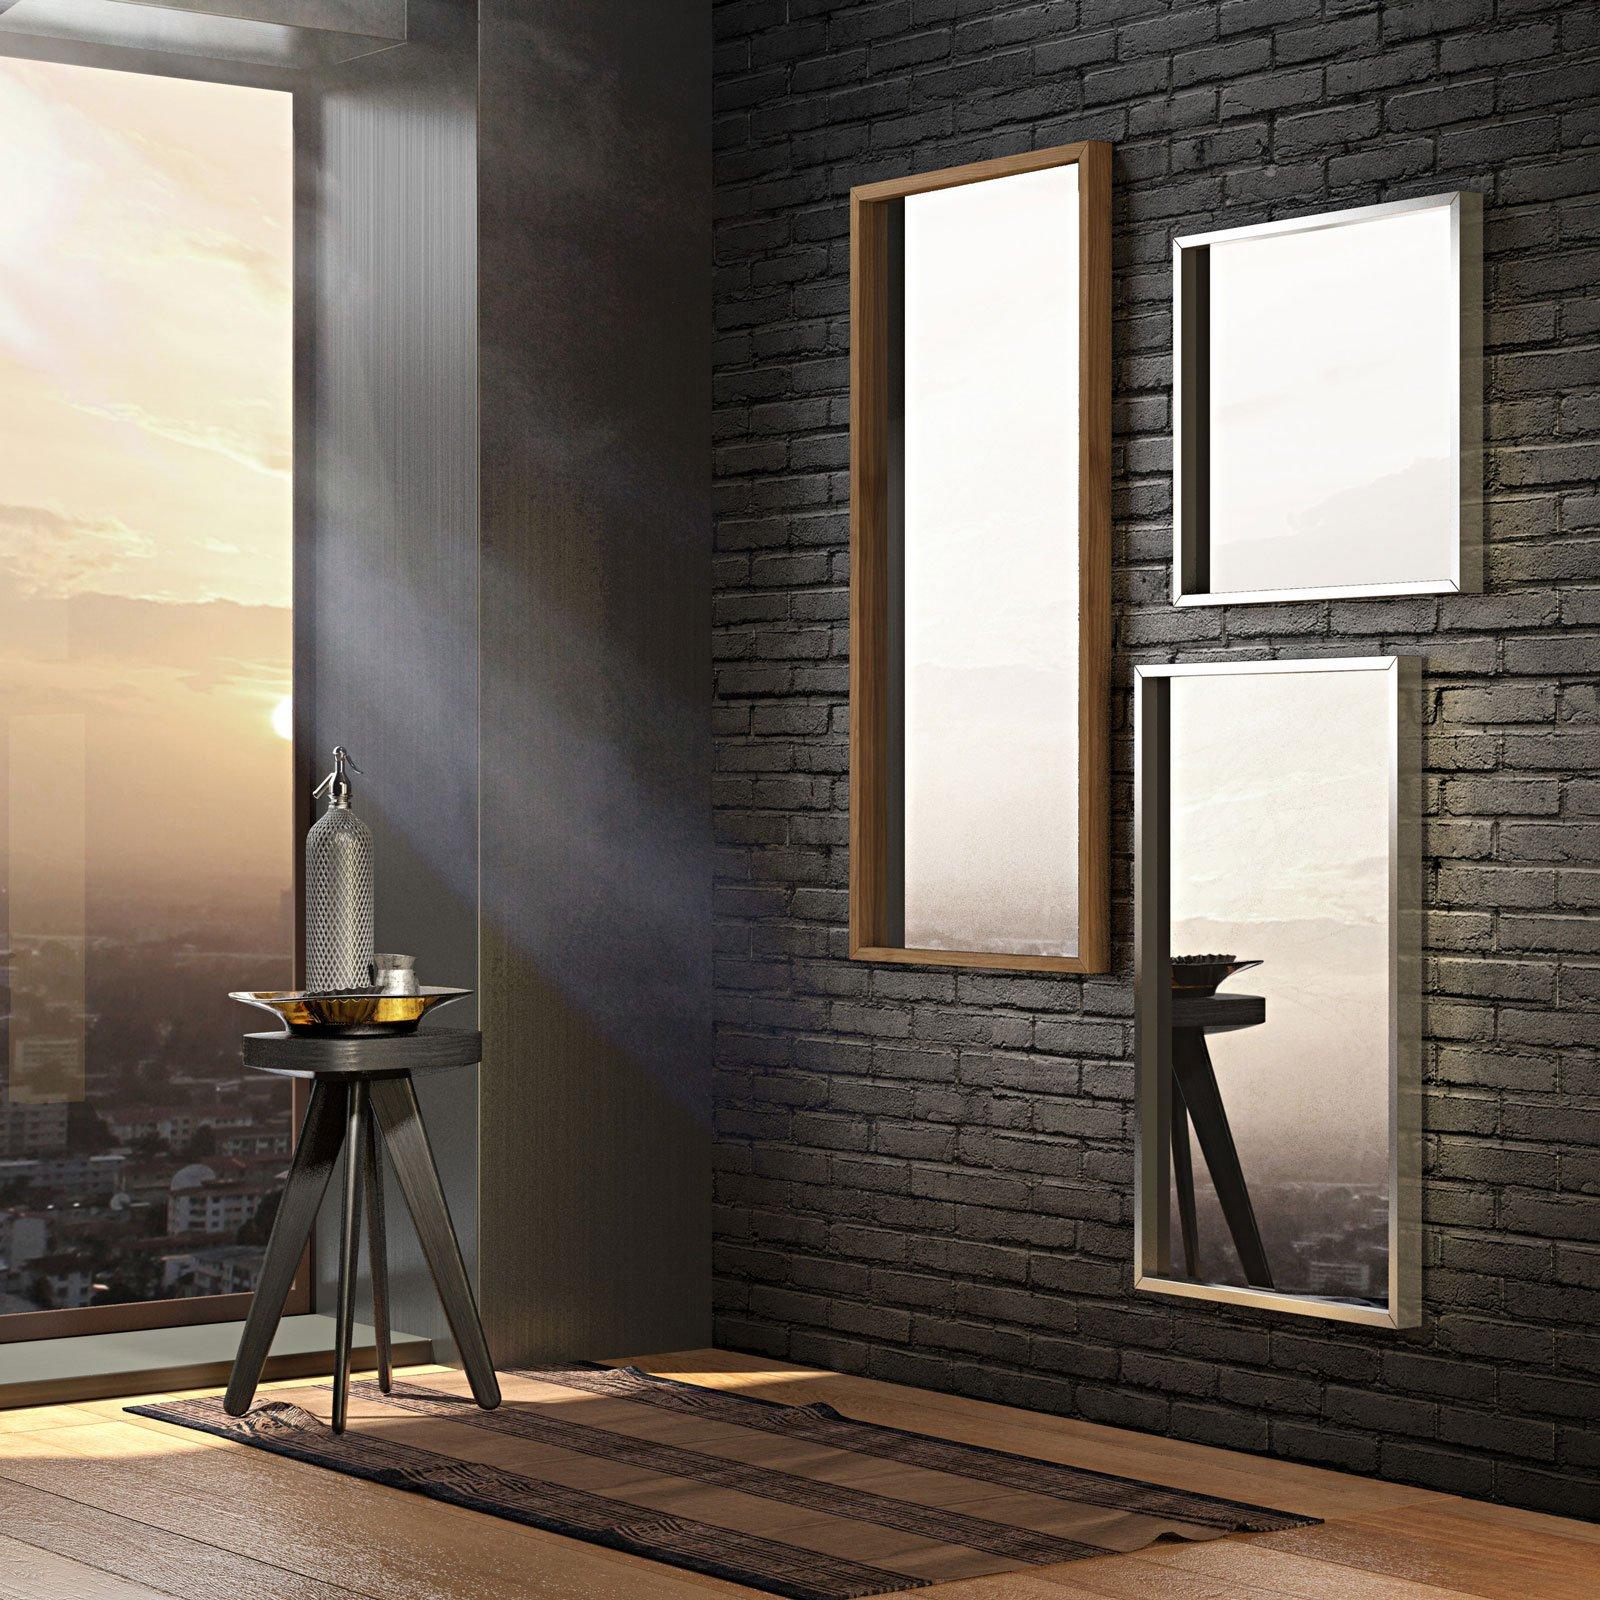 Arredare stile anni 50 cose di casa for Specchio esagonale